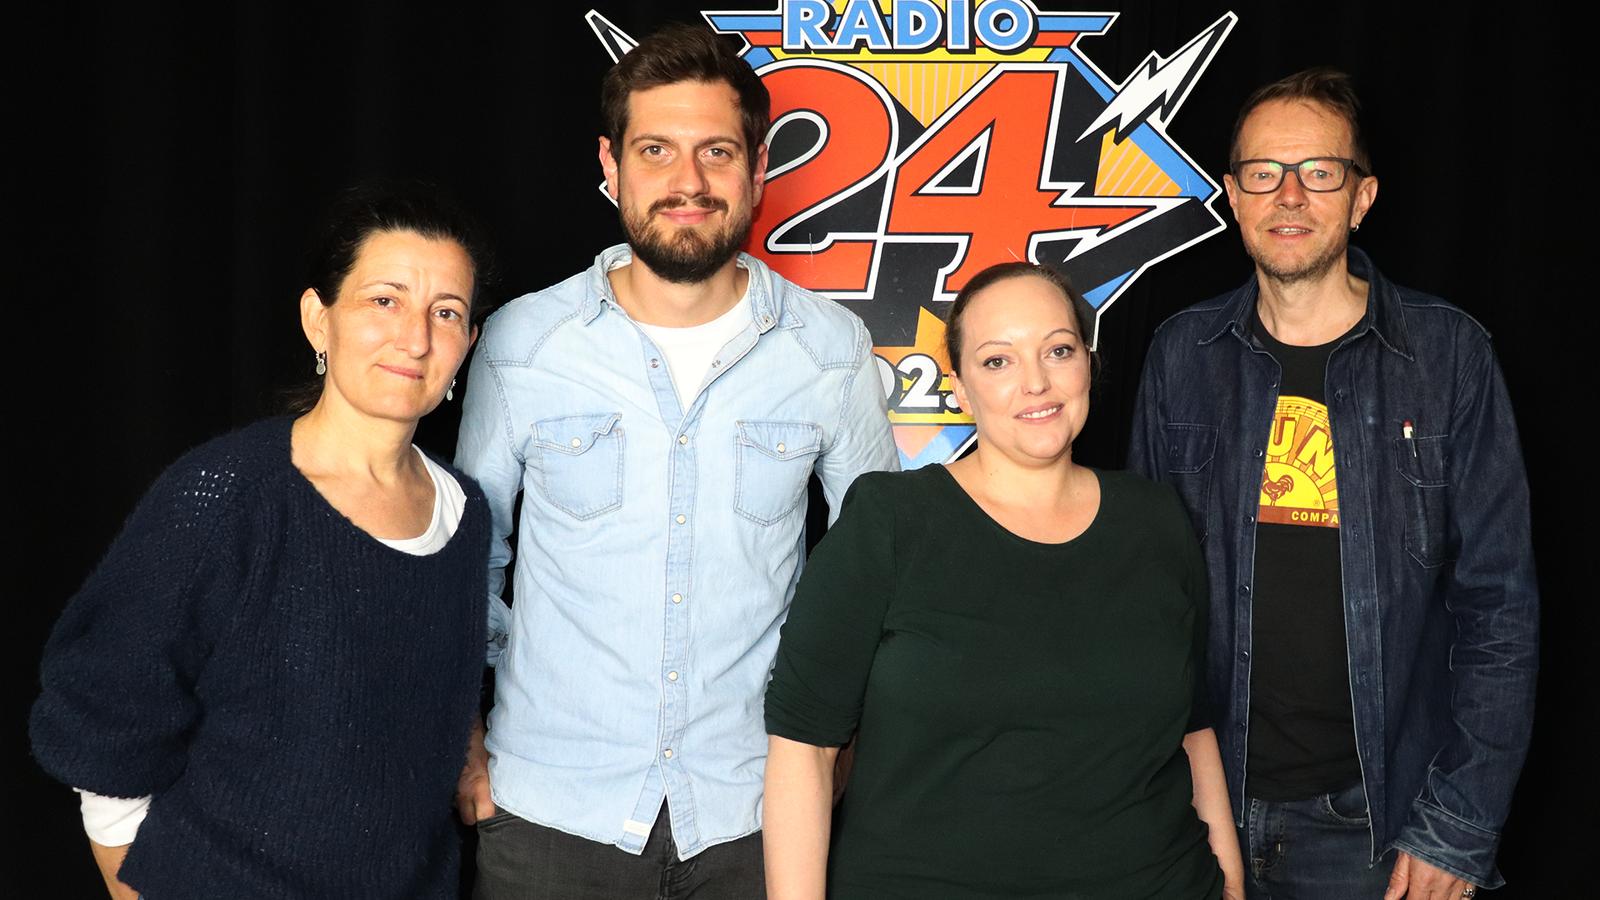 Dominik Widmer diskutiert in einem exklusiven «Radio 24»-Talk. Die Teilnehmer der Gesprächsrunde von links nach rechts: Erika Haltiner, Dominik Widmer, Chantal Obrist und Bänz Friedli. (© Radio 24)